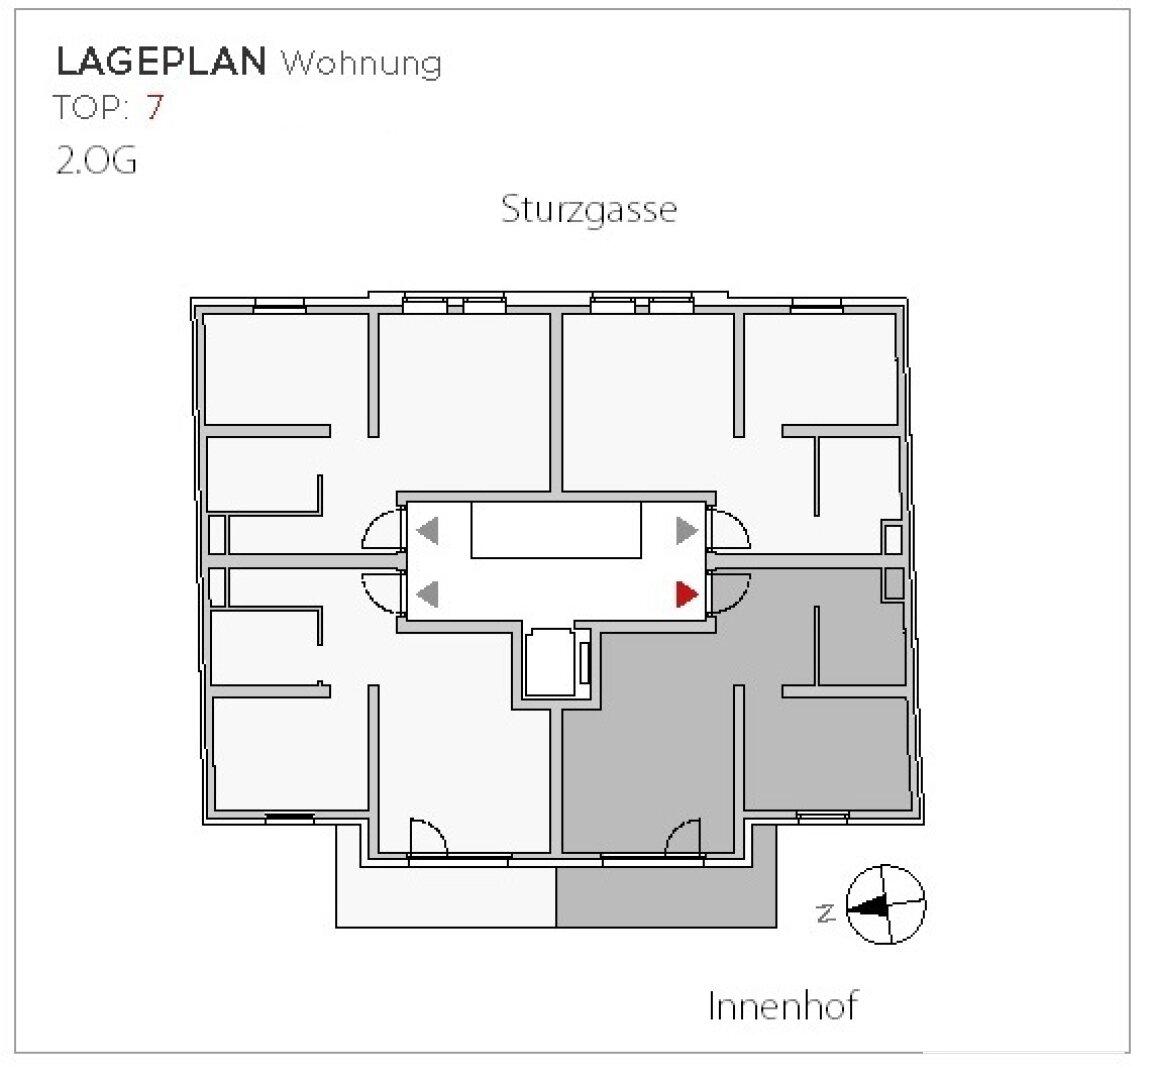 Lageplan im Objekt